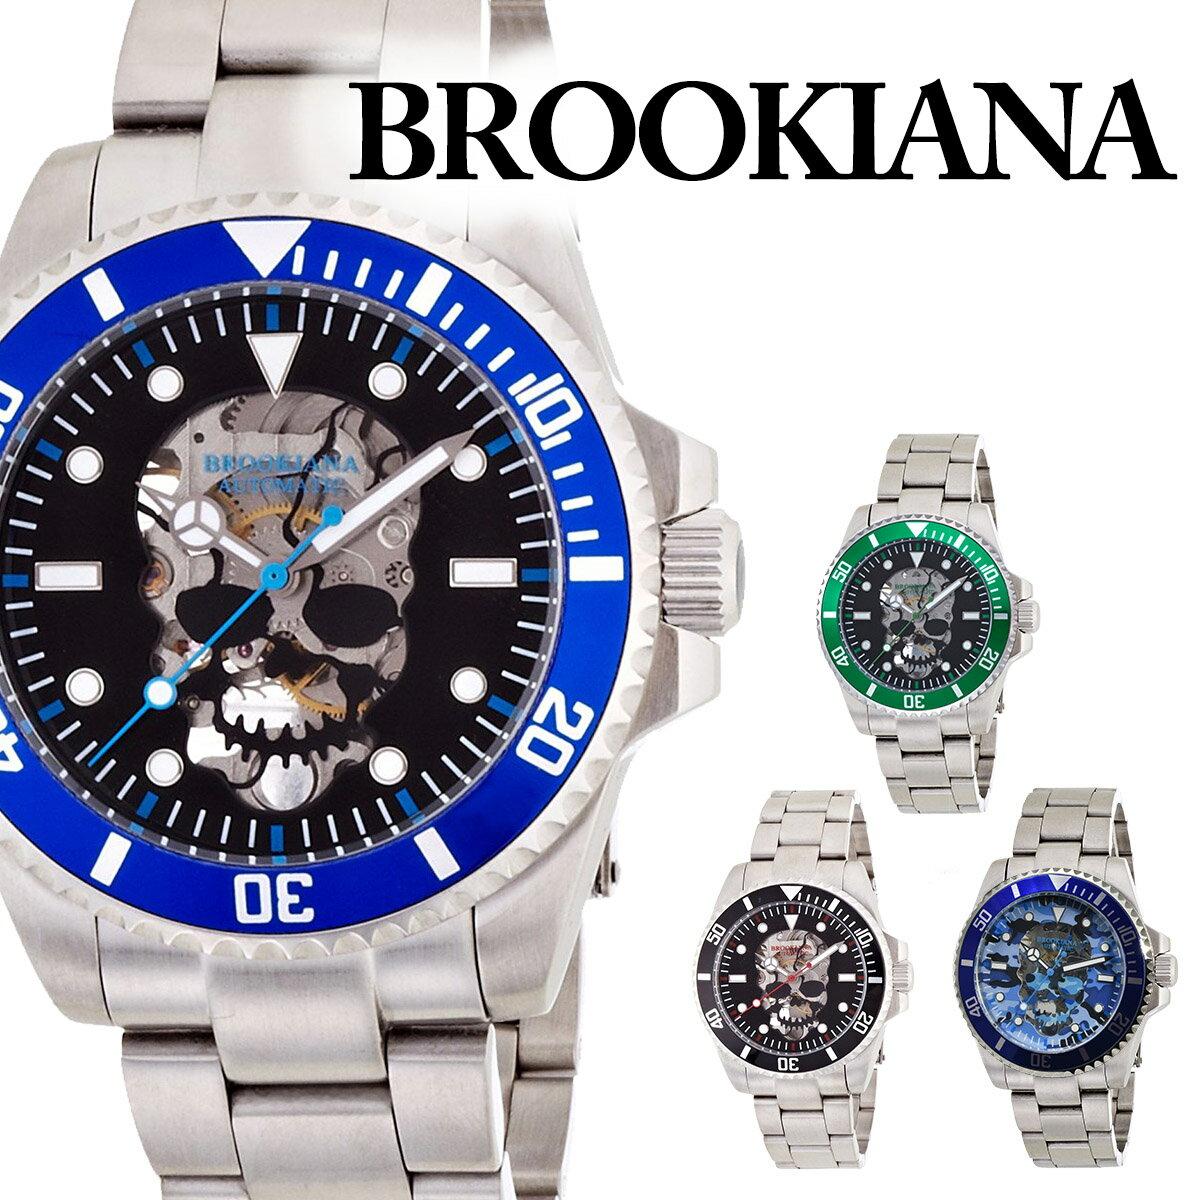 ブルッキアーナ BROOKIANA スカル スケルトン BA1672 メンズ 時計 腕時計 自動巻き オートマチック